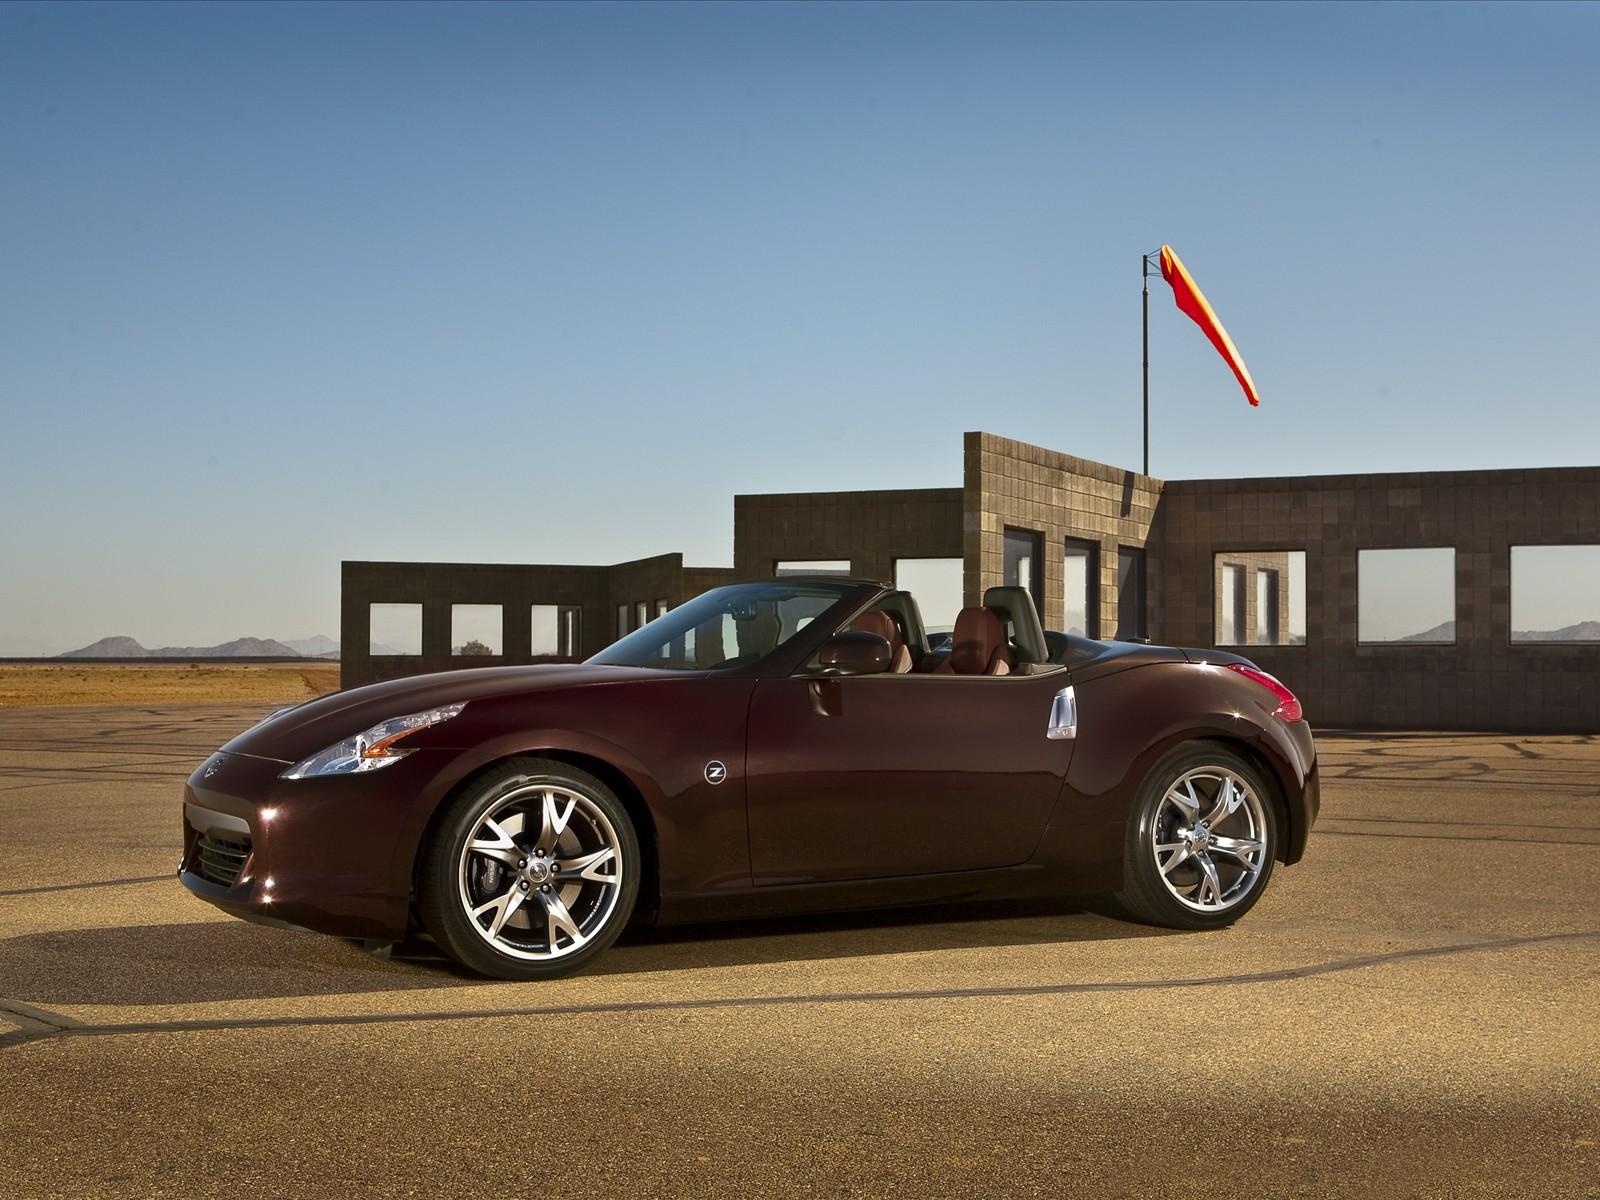 La famille Z s'agrandit. Désormais, le puissant coupé sportif Nissan 370Z sera secondé d'un superbe ...